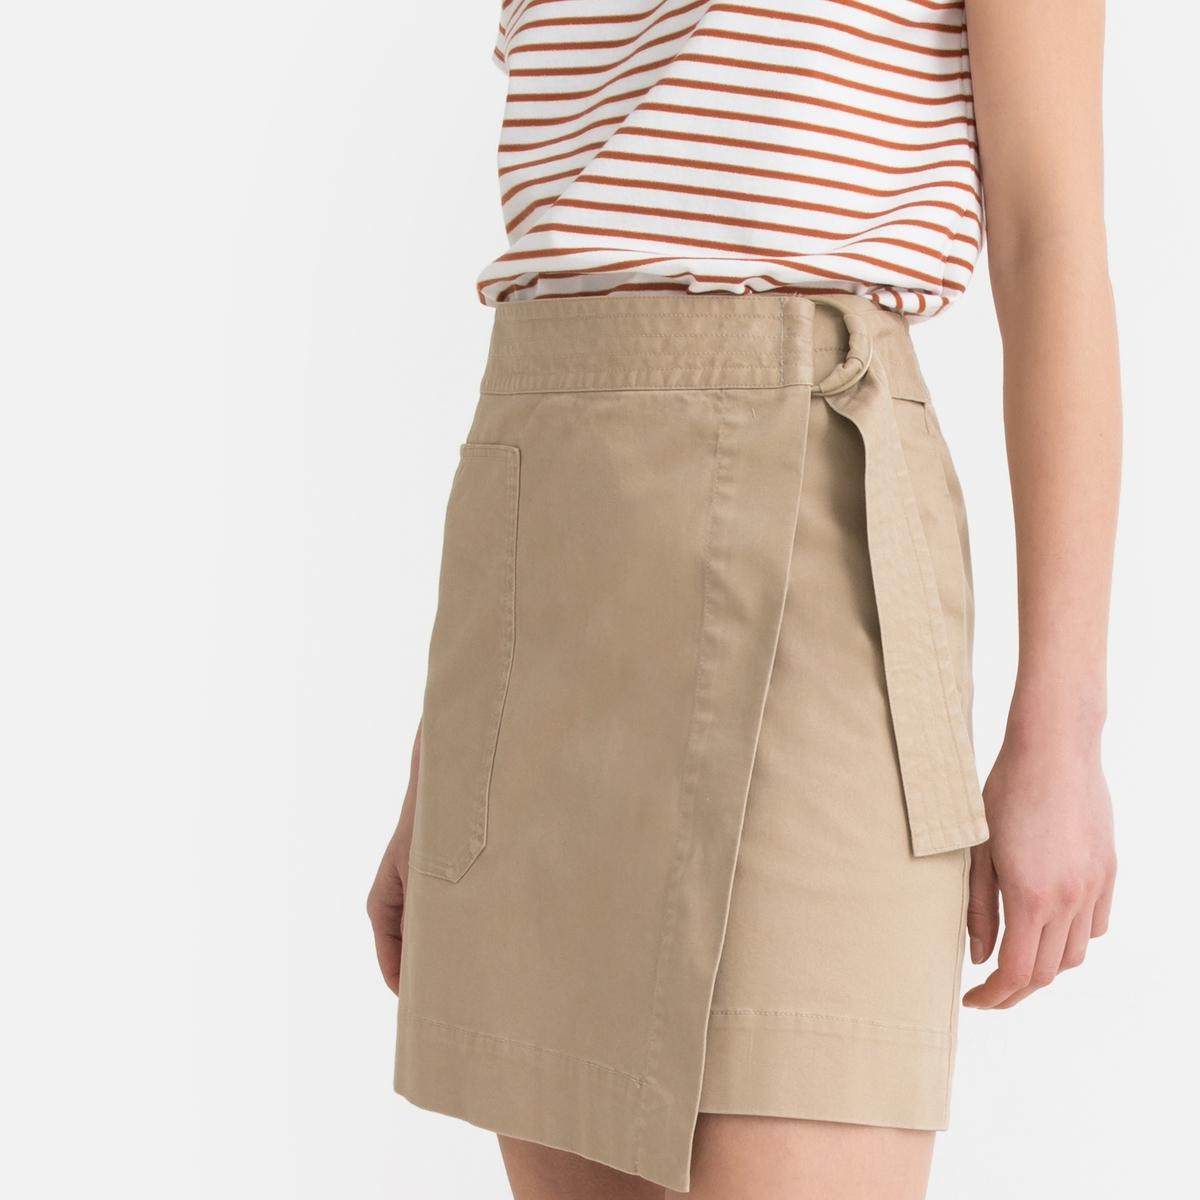 Юбка La Redoute С запахом короткая 46 (FR) - 52 (RUS) бежевый юбка с запахом на пуговицах